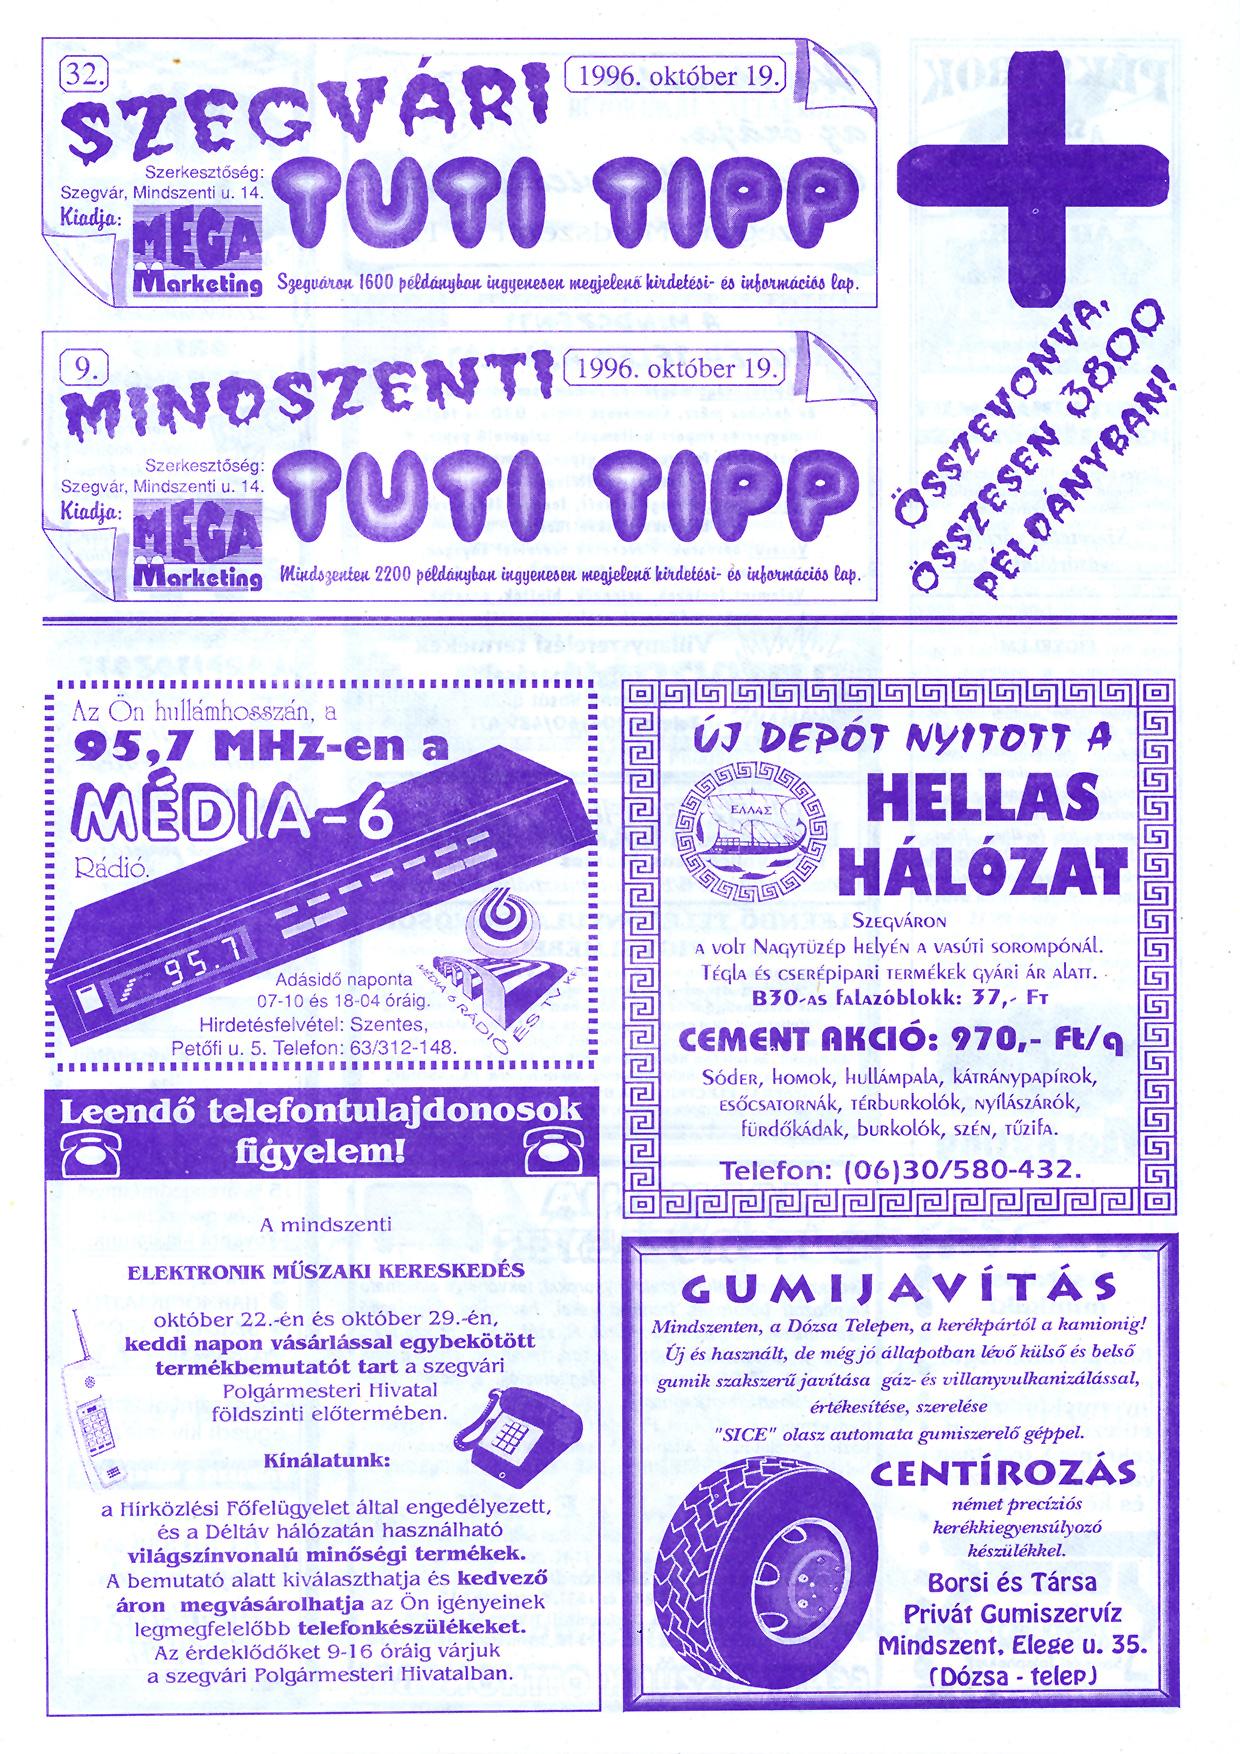 059 Szegvári és Mindszenti Tuti Tipp reklámújság - 19961019-032-009. lapszám - 1.oldal - II. évfolyam.jpg